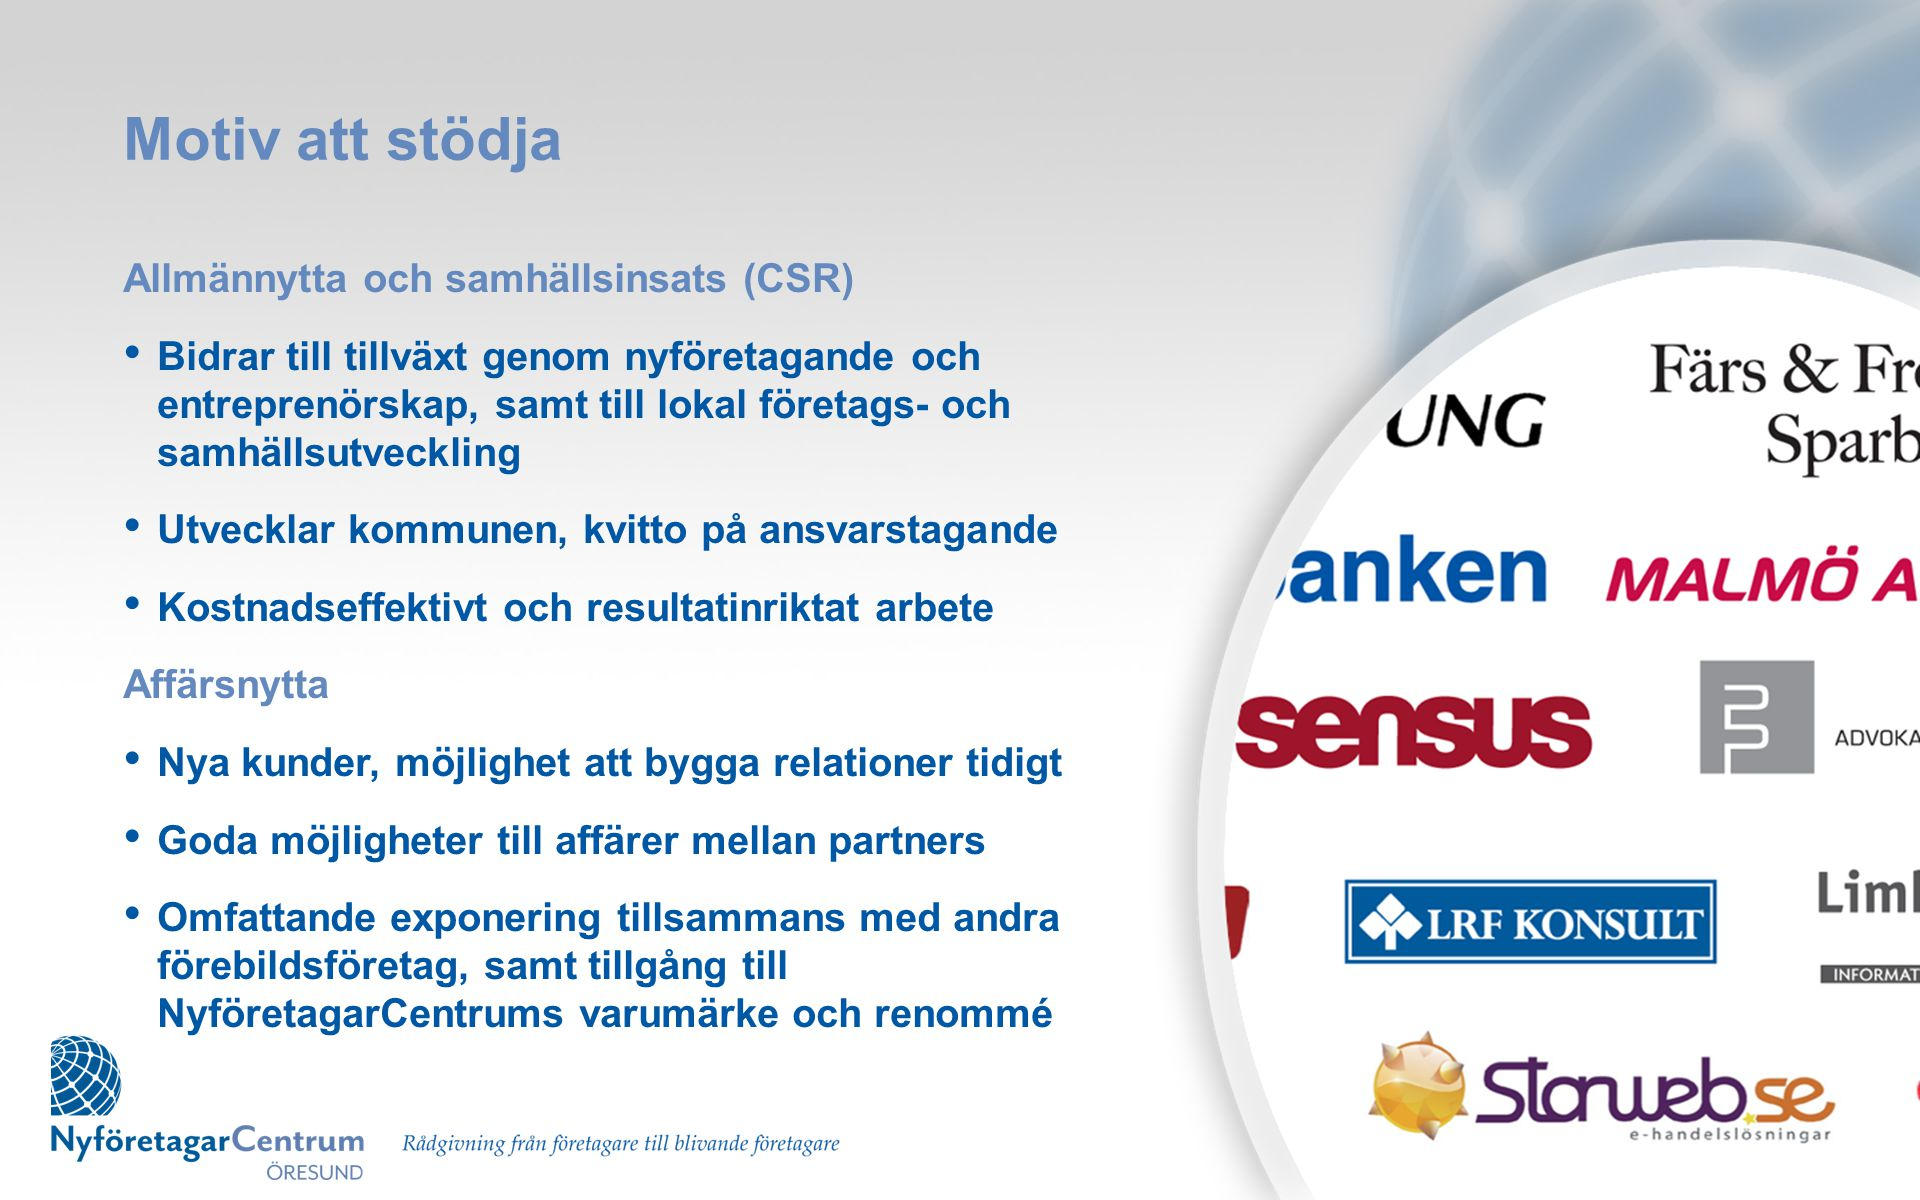 Motiv att stödja Allmännytta och samhällsinsats (CSR)